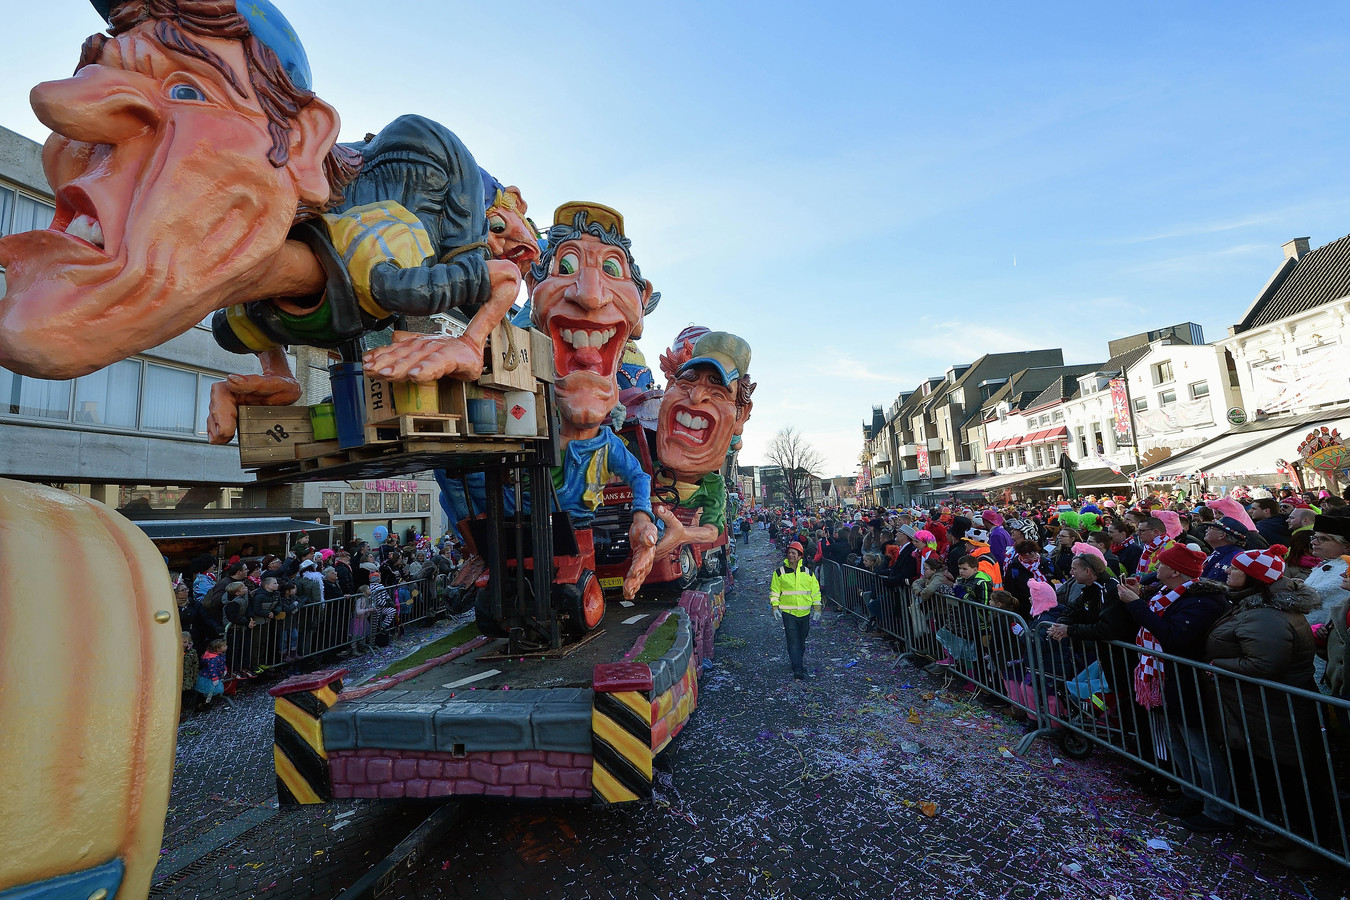 De optocht van Roosendaal is volgens de stichting een al een pareltje, maar de stoet zou nóg beter kunnen.